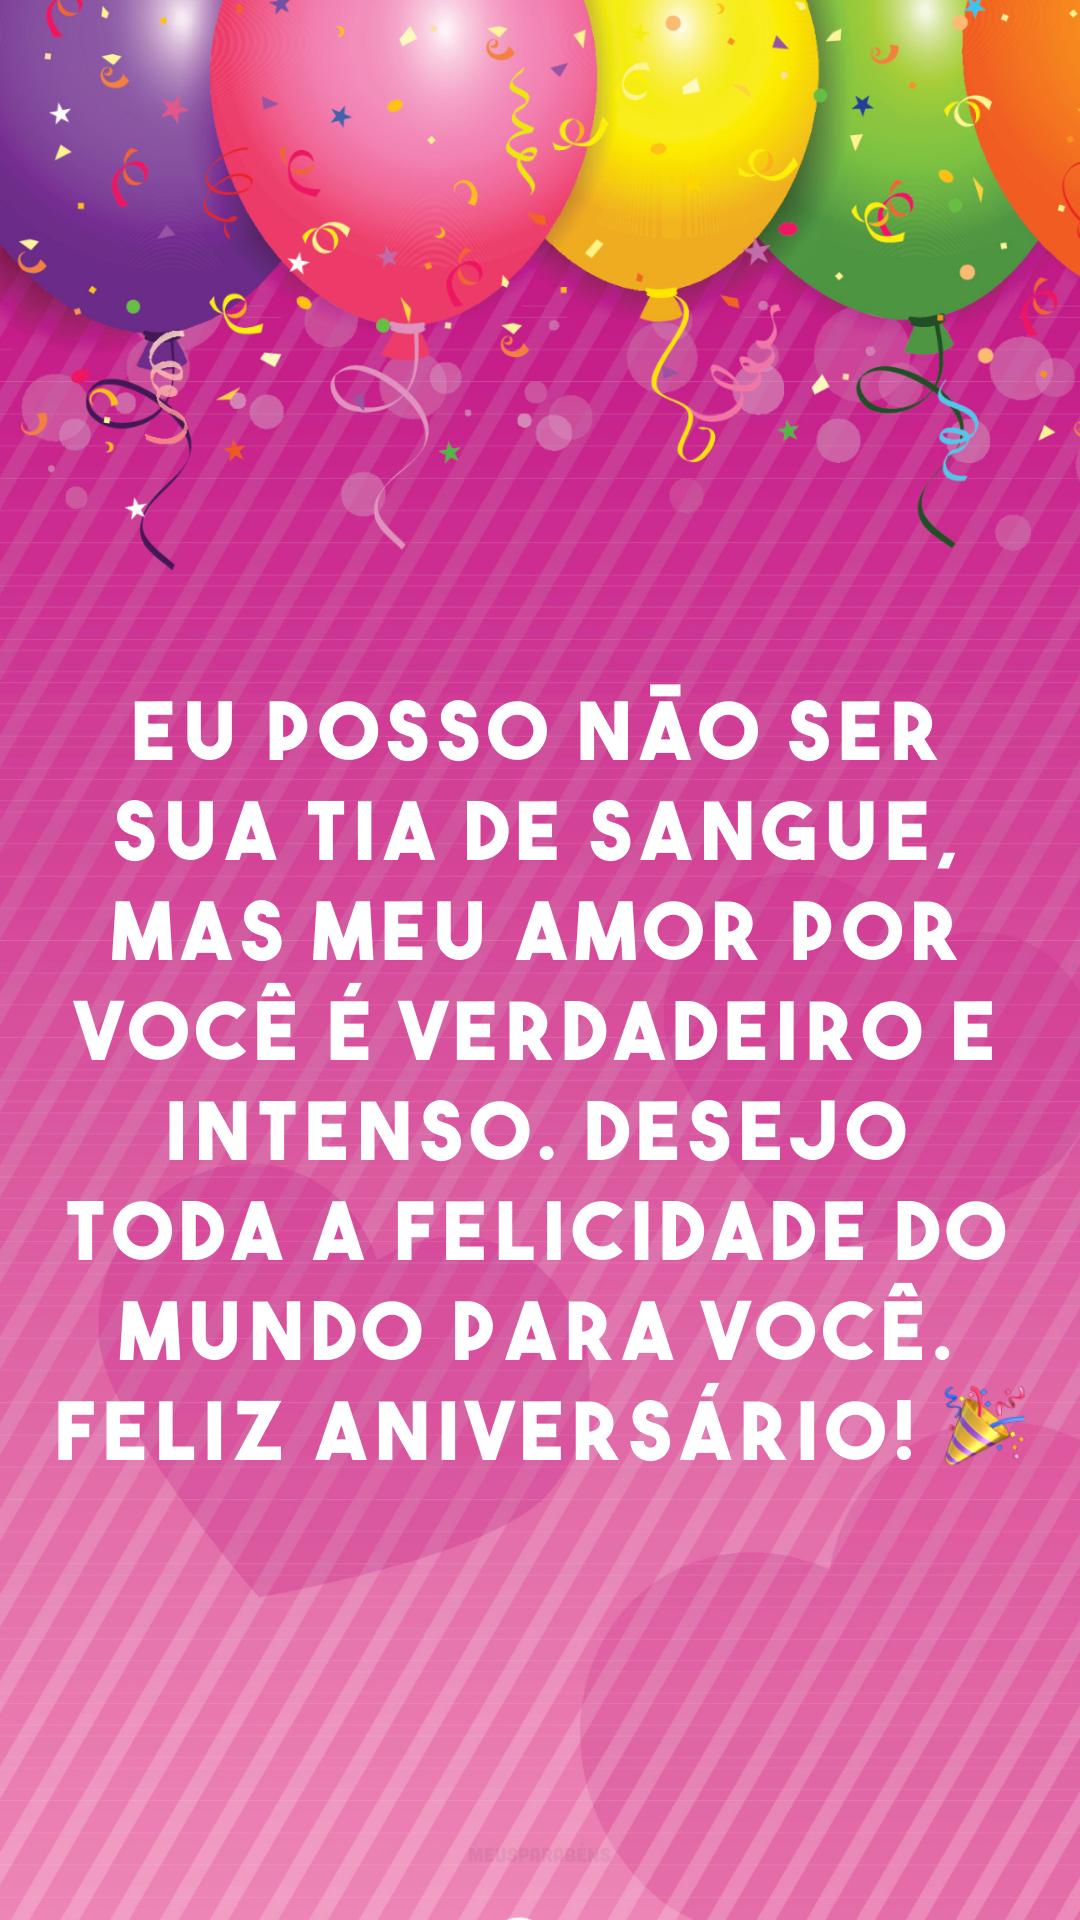 Eu posso não ser sua tia de sangue, mas meu amor por você é verdadeiro e intenso. Desejo toda a felicidade do mundo para você. Feliz aniversário! 🎉